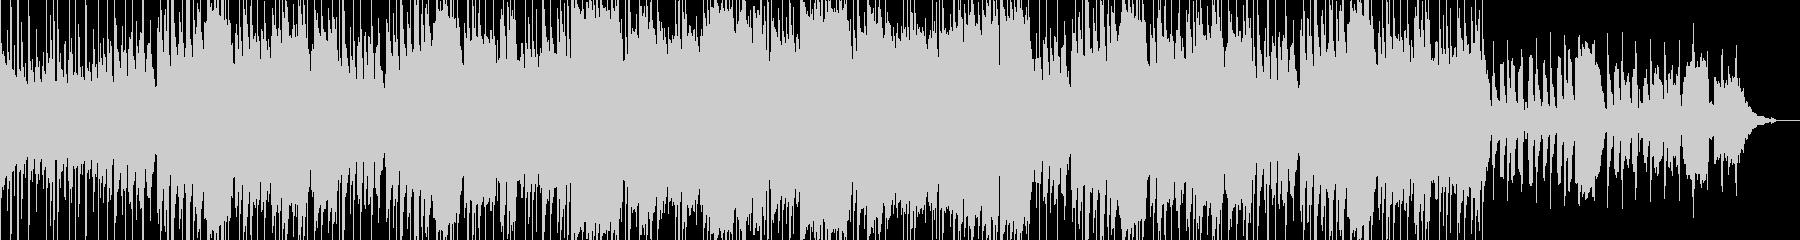 口笛が印象的なBGMの未再生の波形